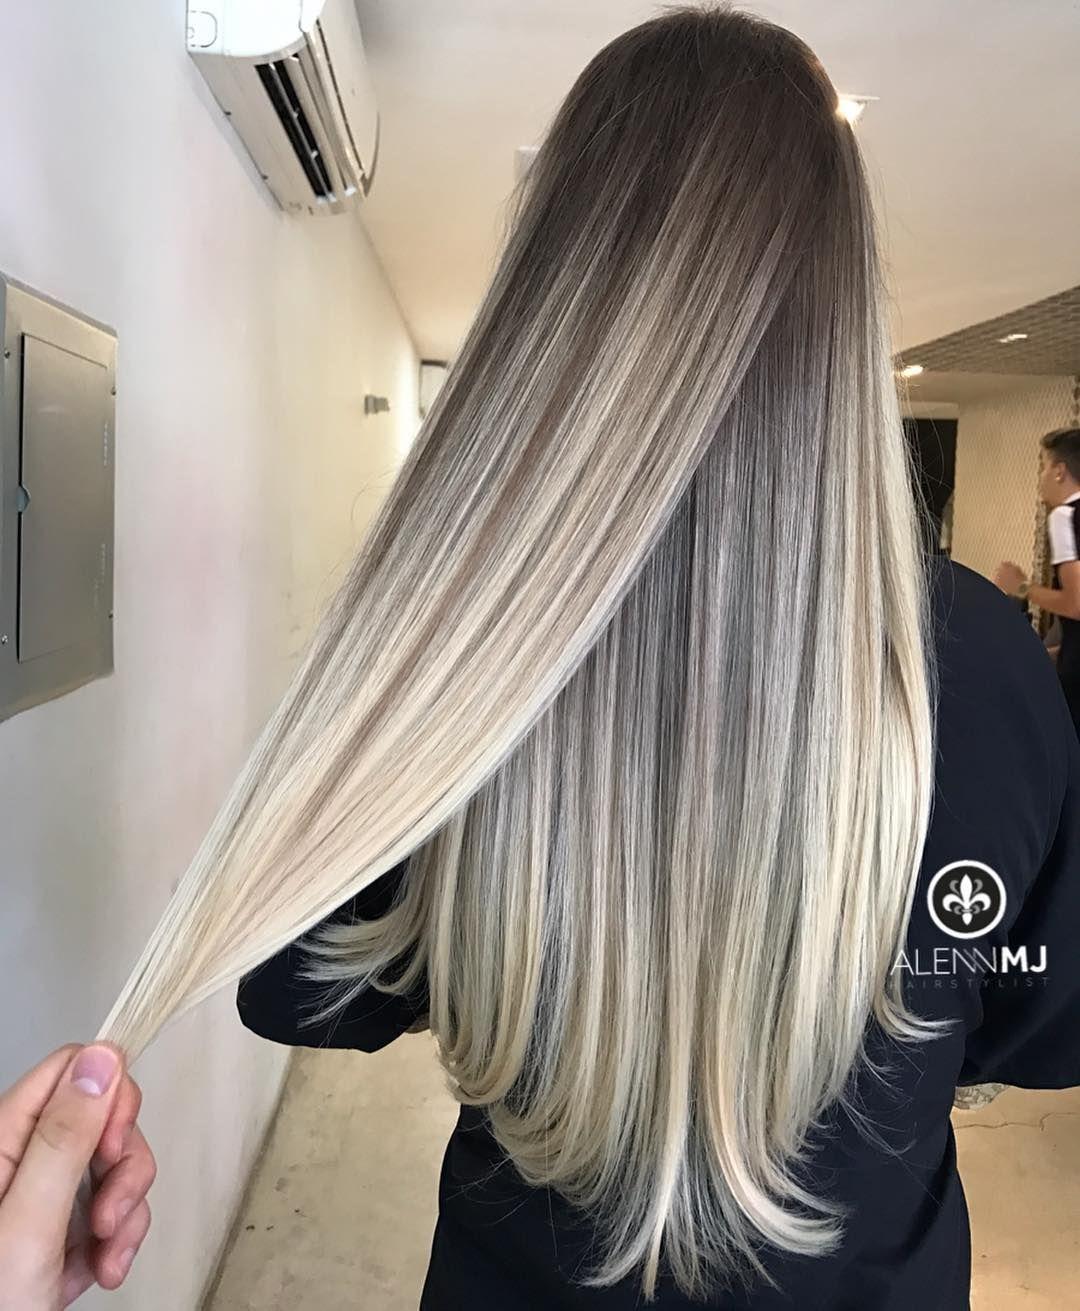 Technique Ombre Foils Teasing Technique 100 Hair Bleached Proces Using L Oreal Multitechnique 8 Bleach With Hair Styles Long Hair Styles Ombre Hair